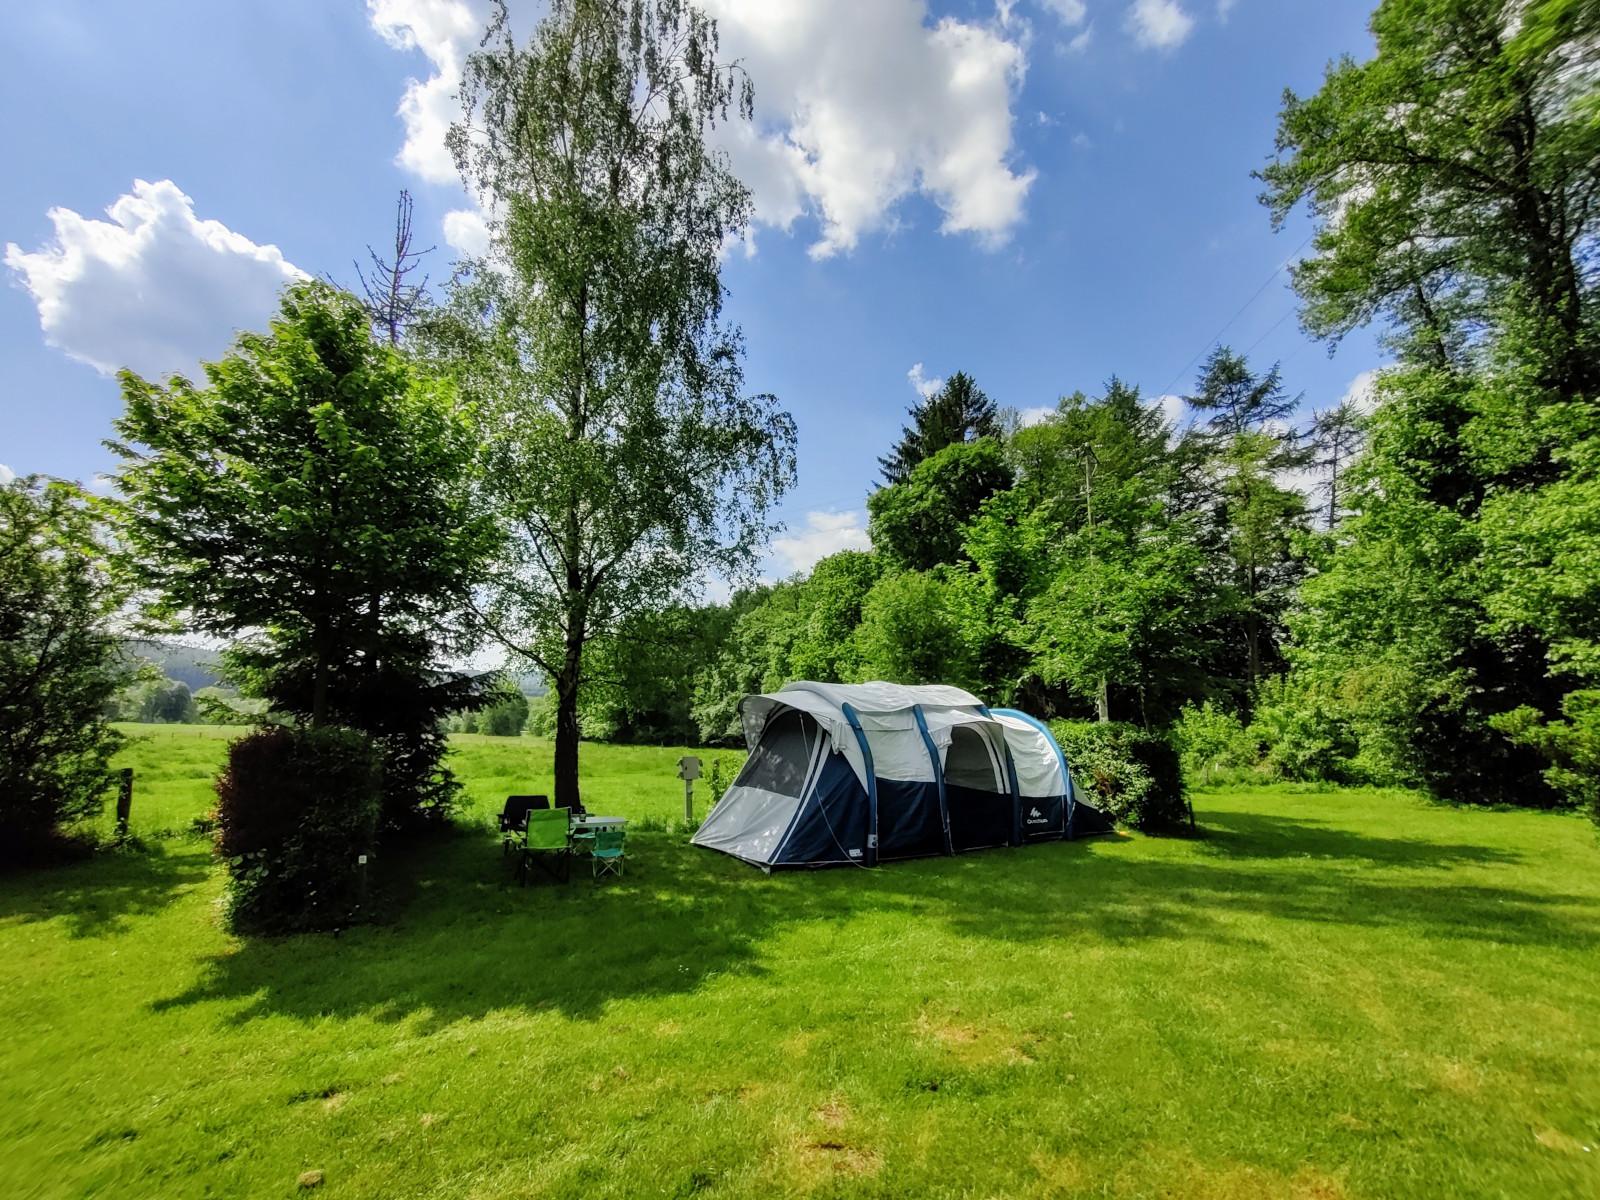 Zeltplatz für Zelte